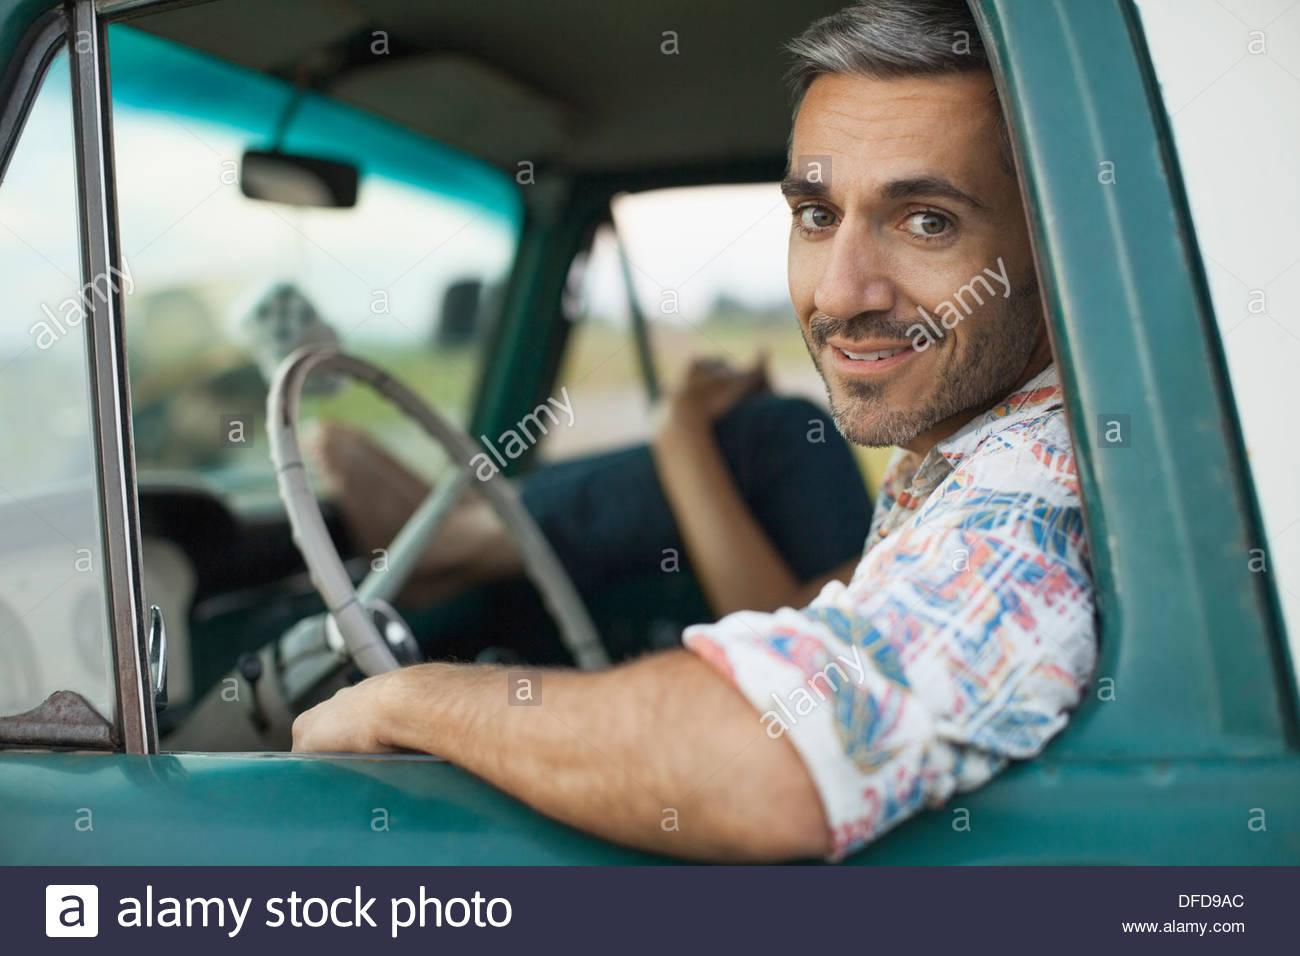 Porträt von Mitte erwachsenen Mann sitzt in Pick-up-truck Stockbild